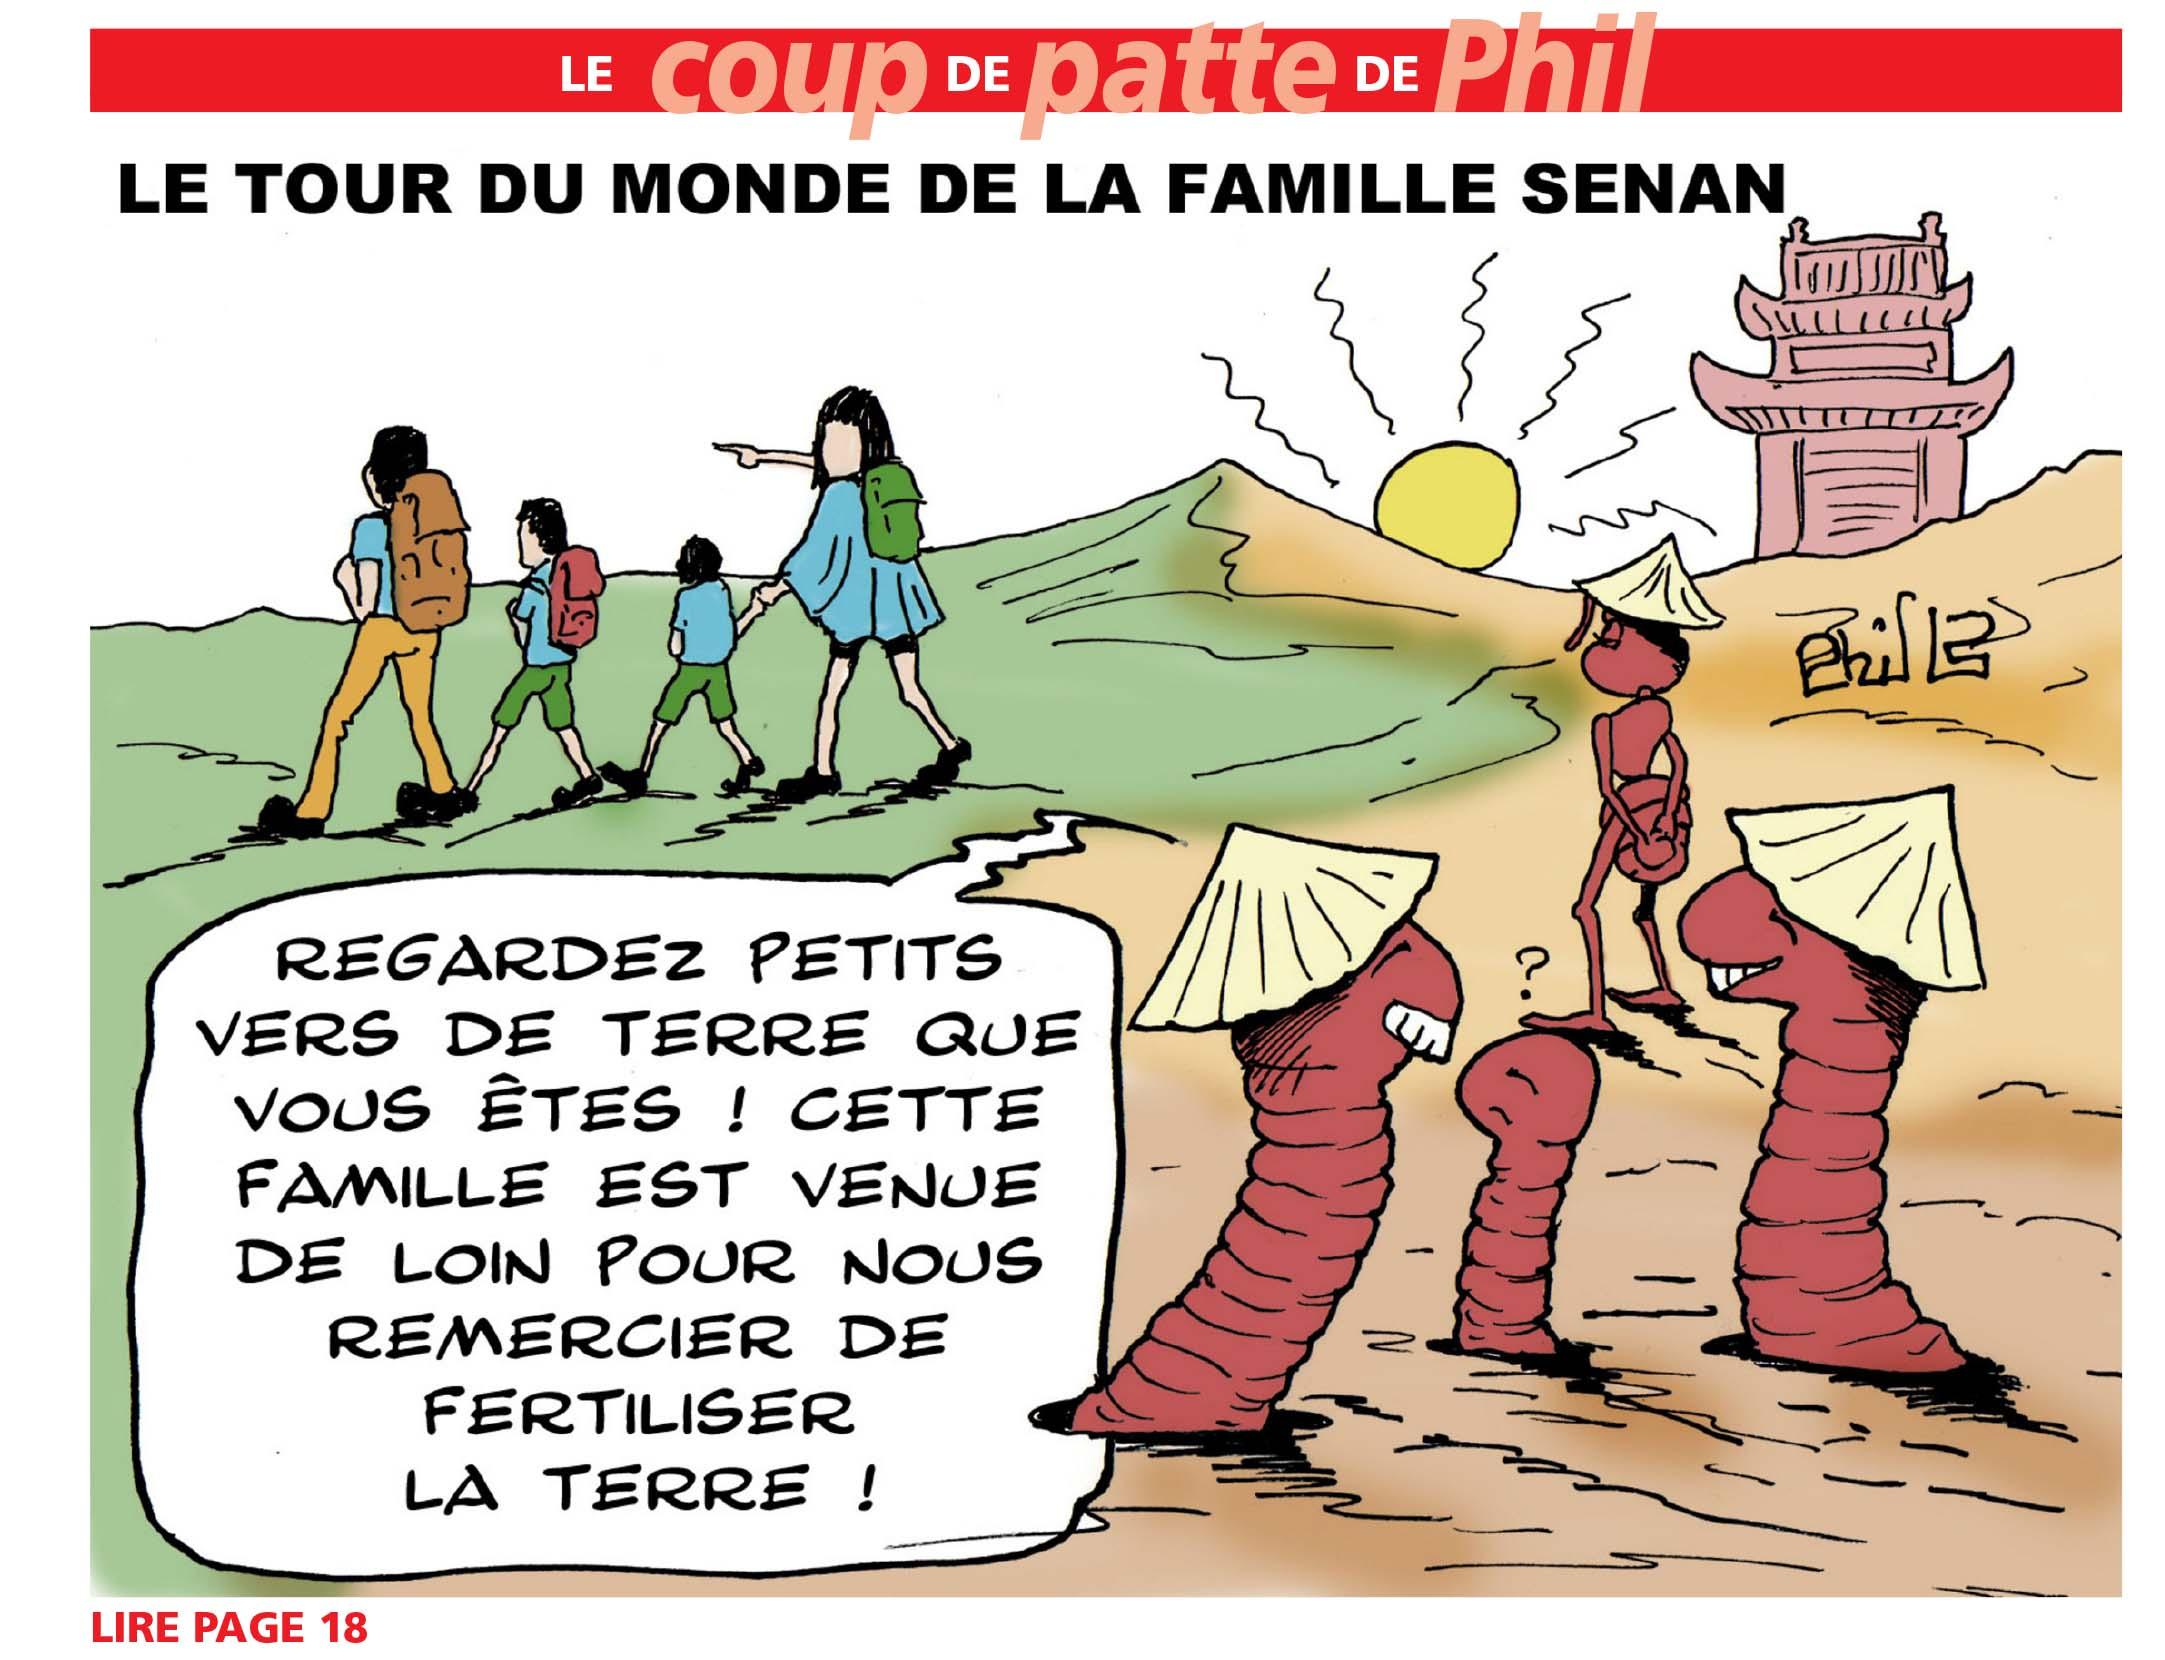 Le Tour du Monde de la famille SENAN par le journal La Gazette, Centre Morbihan